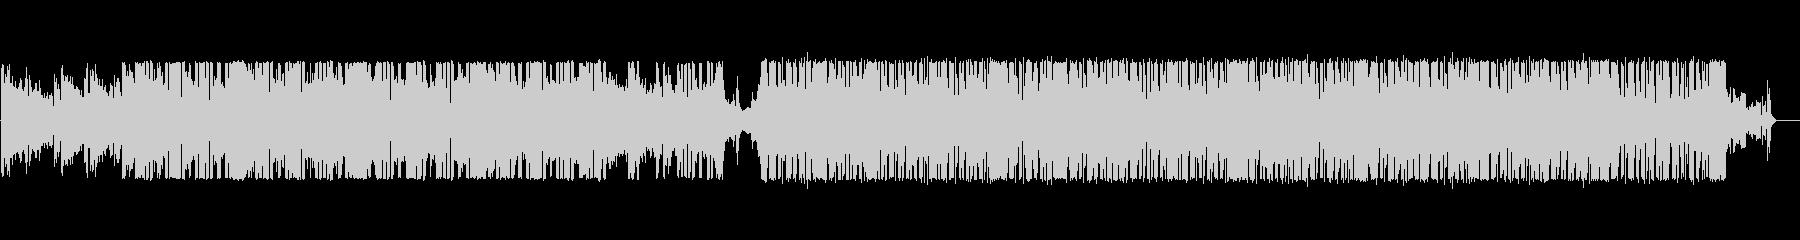 人力ドラムンベース風のエレクトロニカの未再生の波形